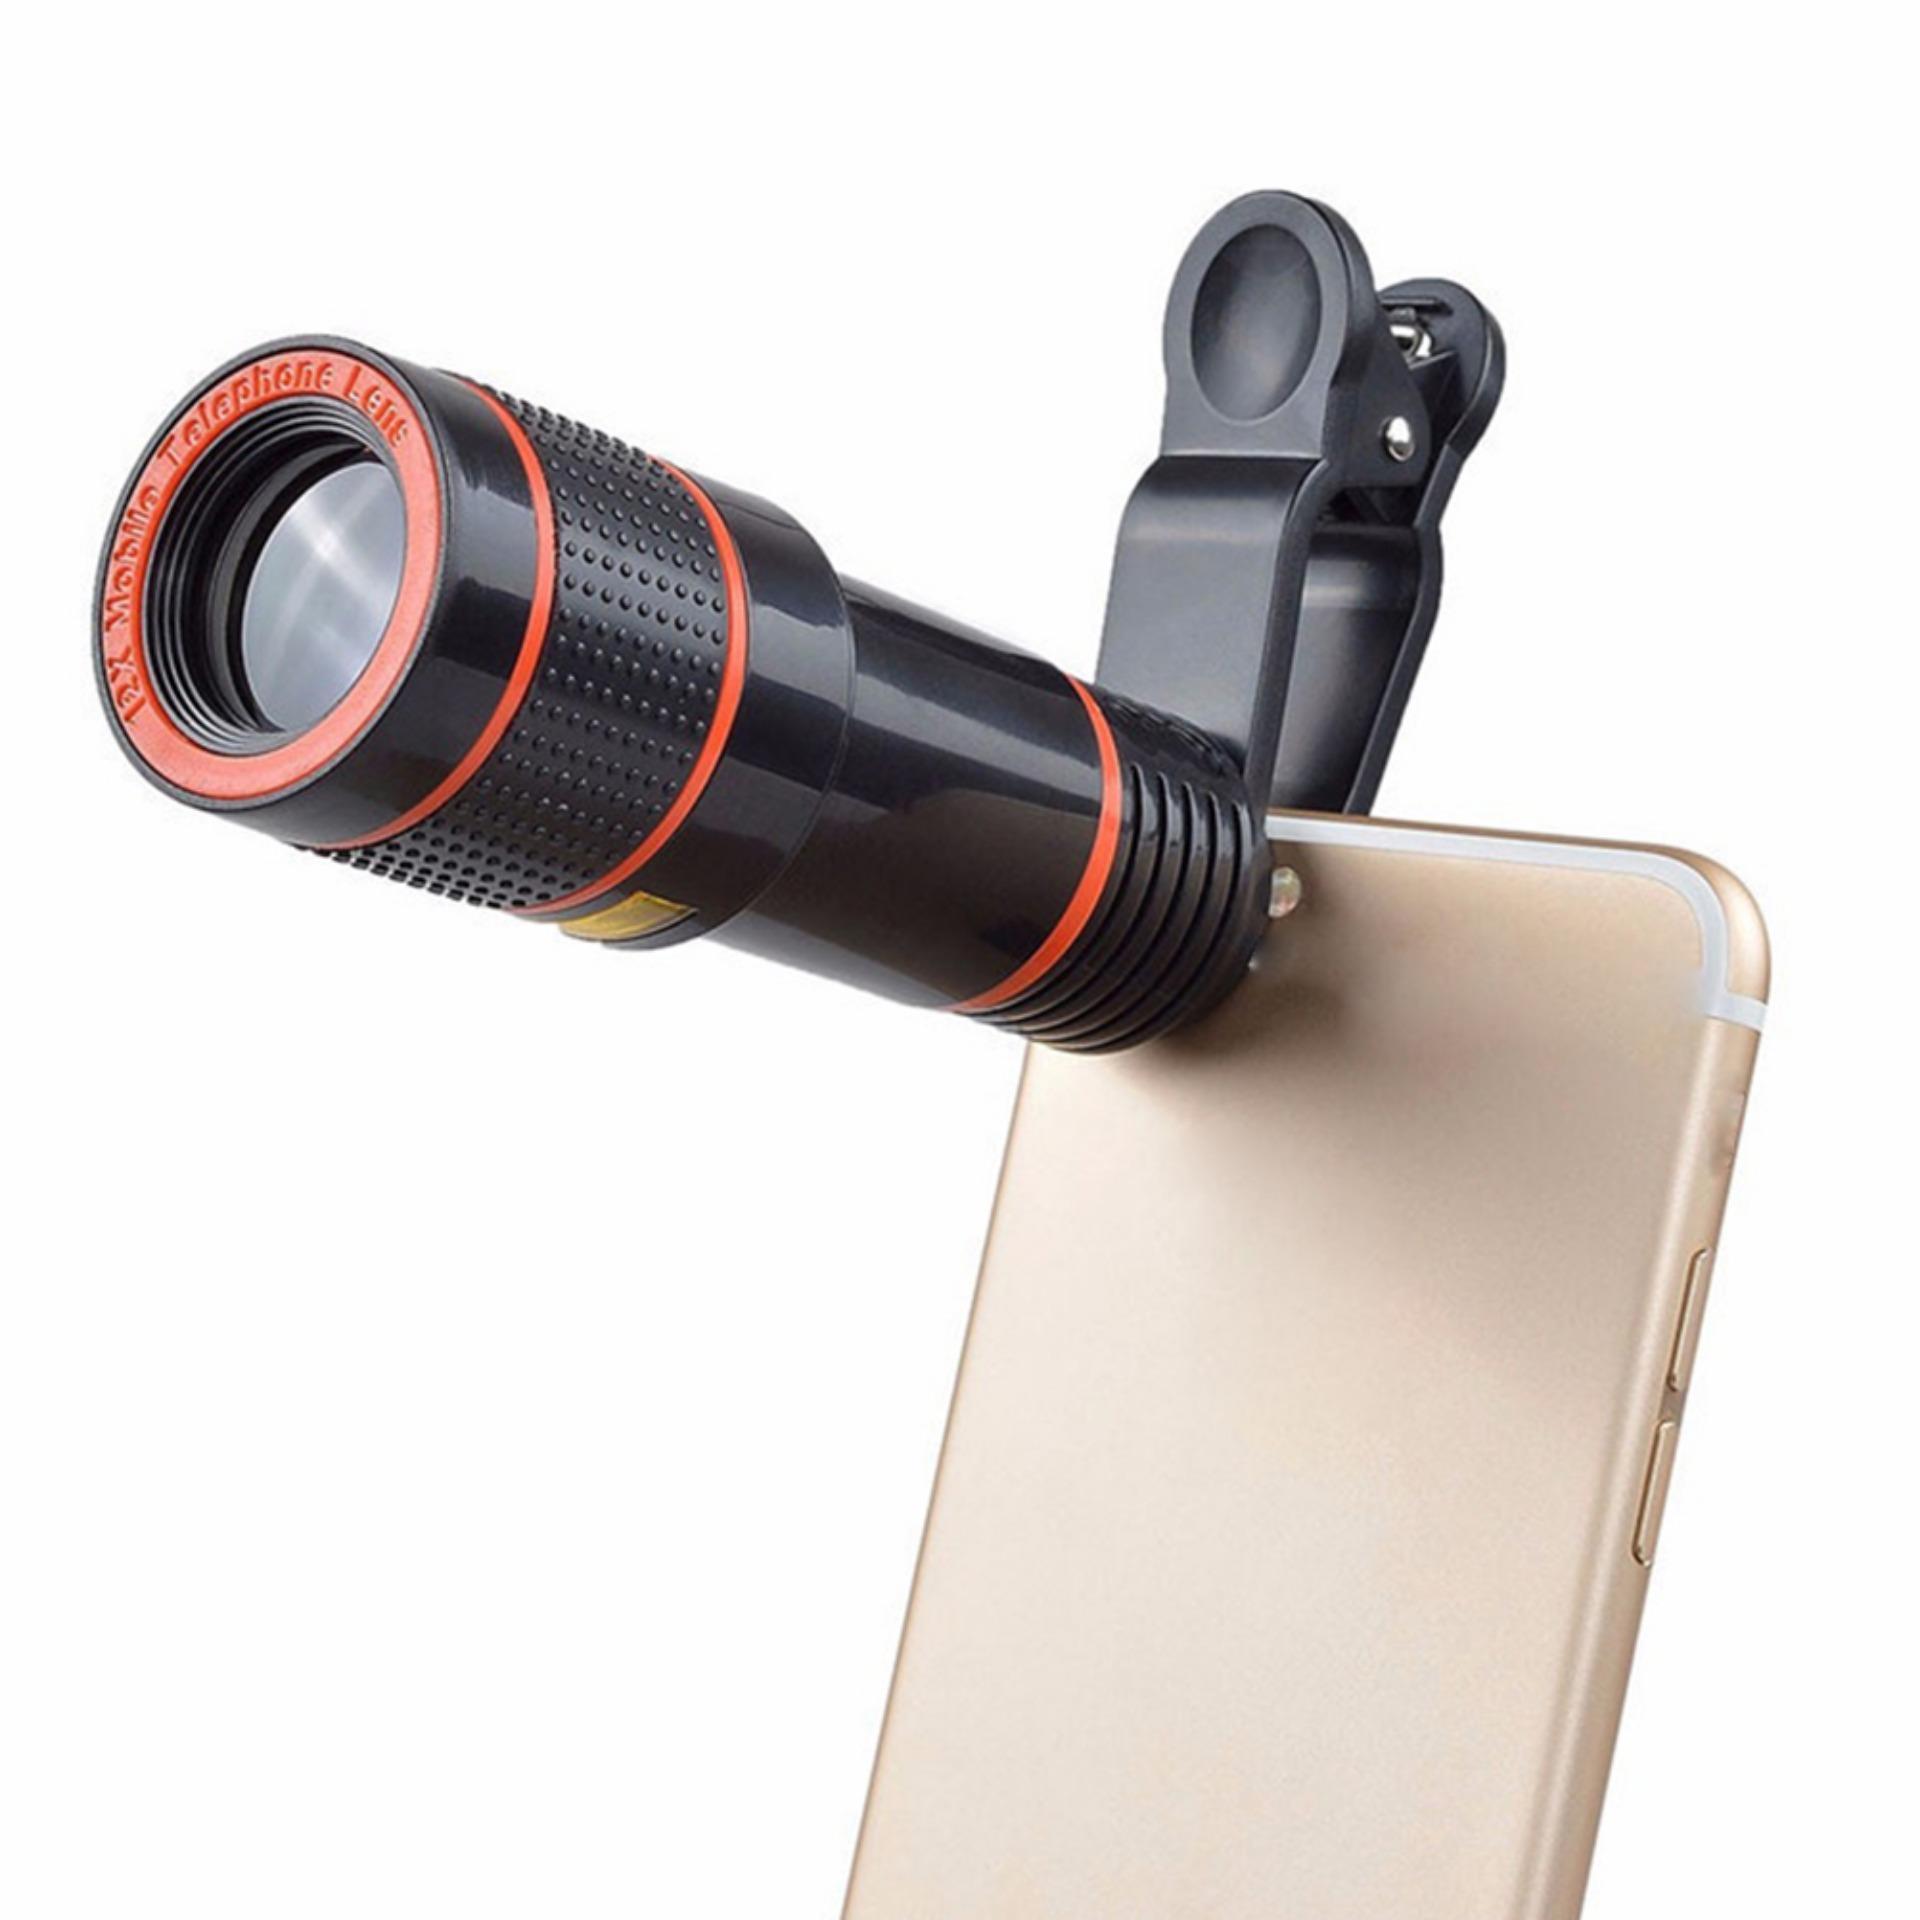 Jual Lensa Kamera Terlengkap Paket Komplit Pembersih Telescope 12x For Smartphone